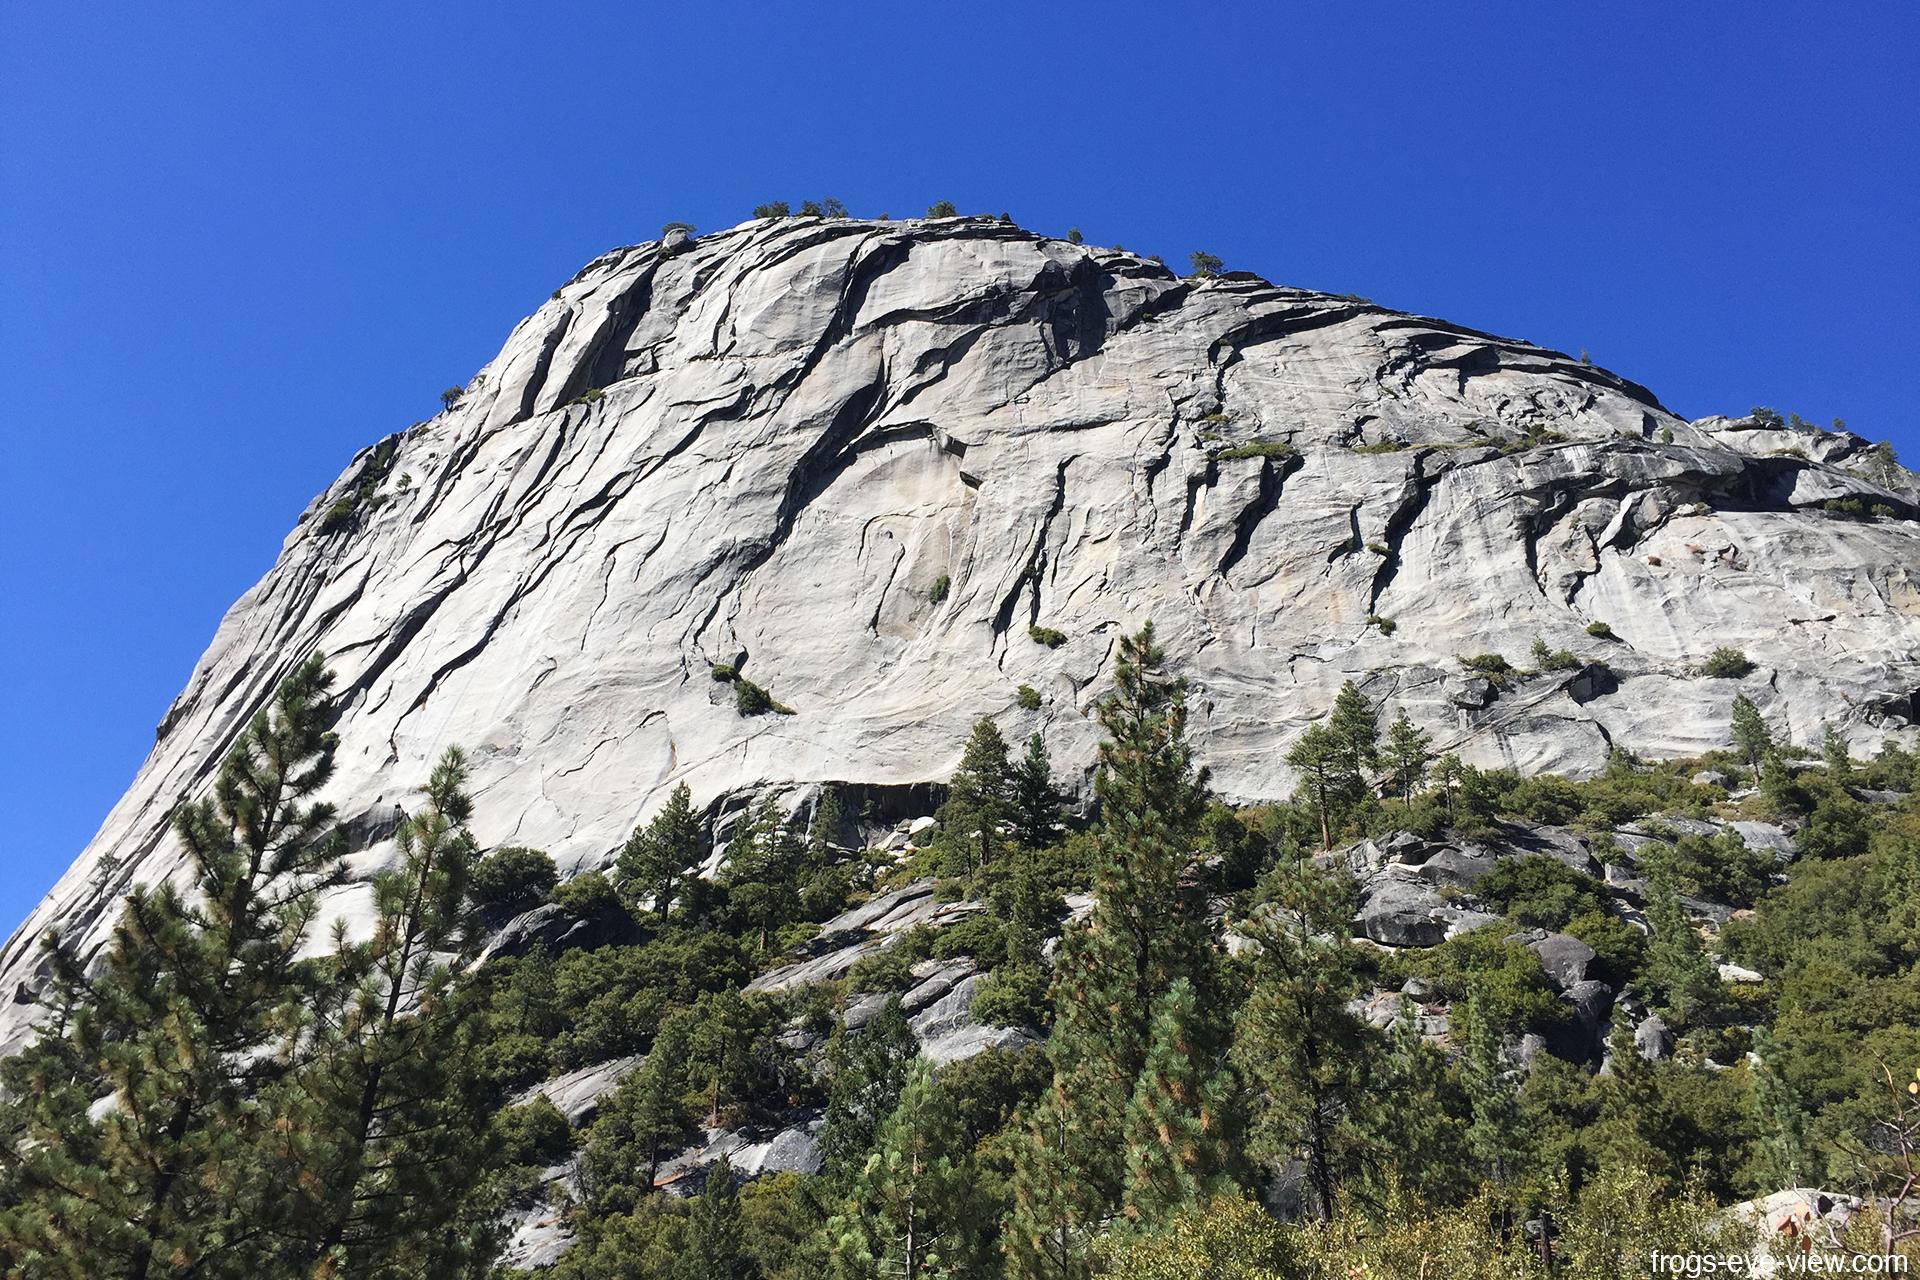 20161002_USA_Westküste_September_15_LakeMono_Yosemite14.26.54_Kopie